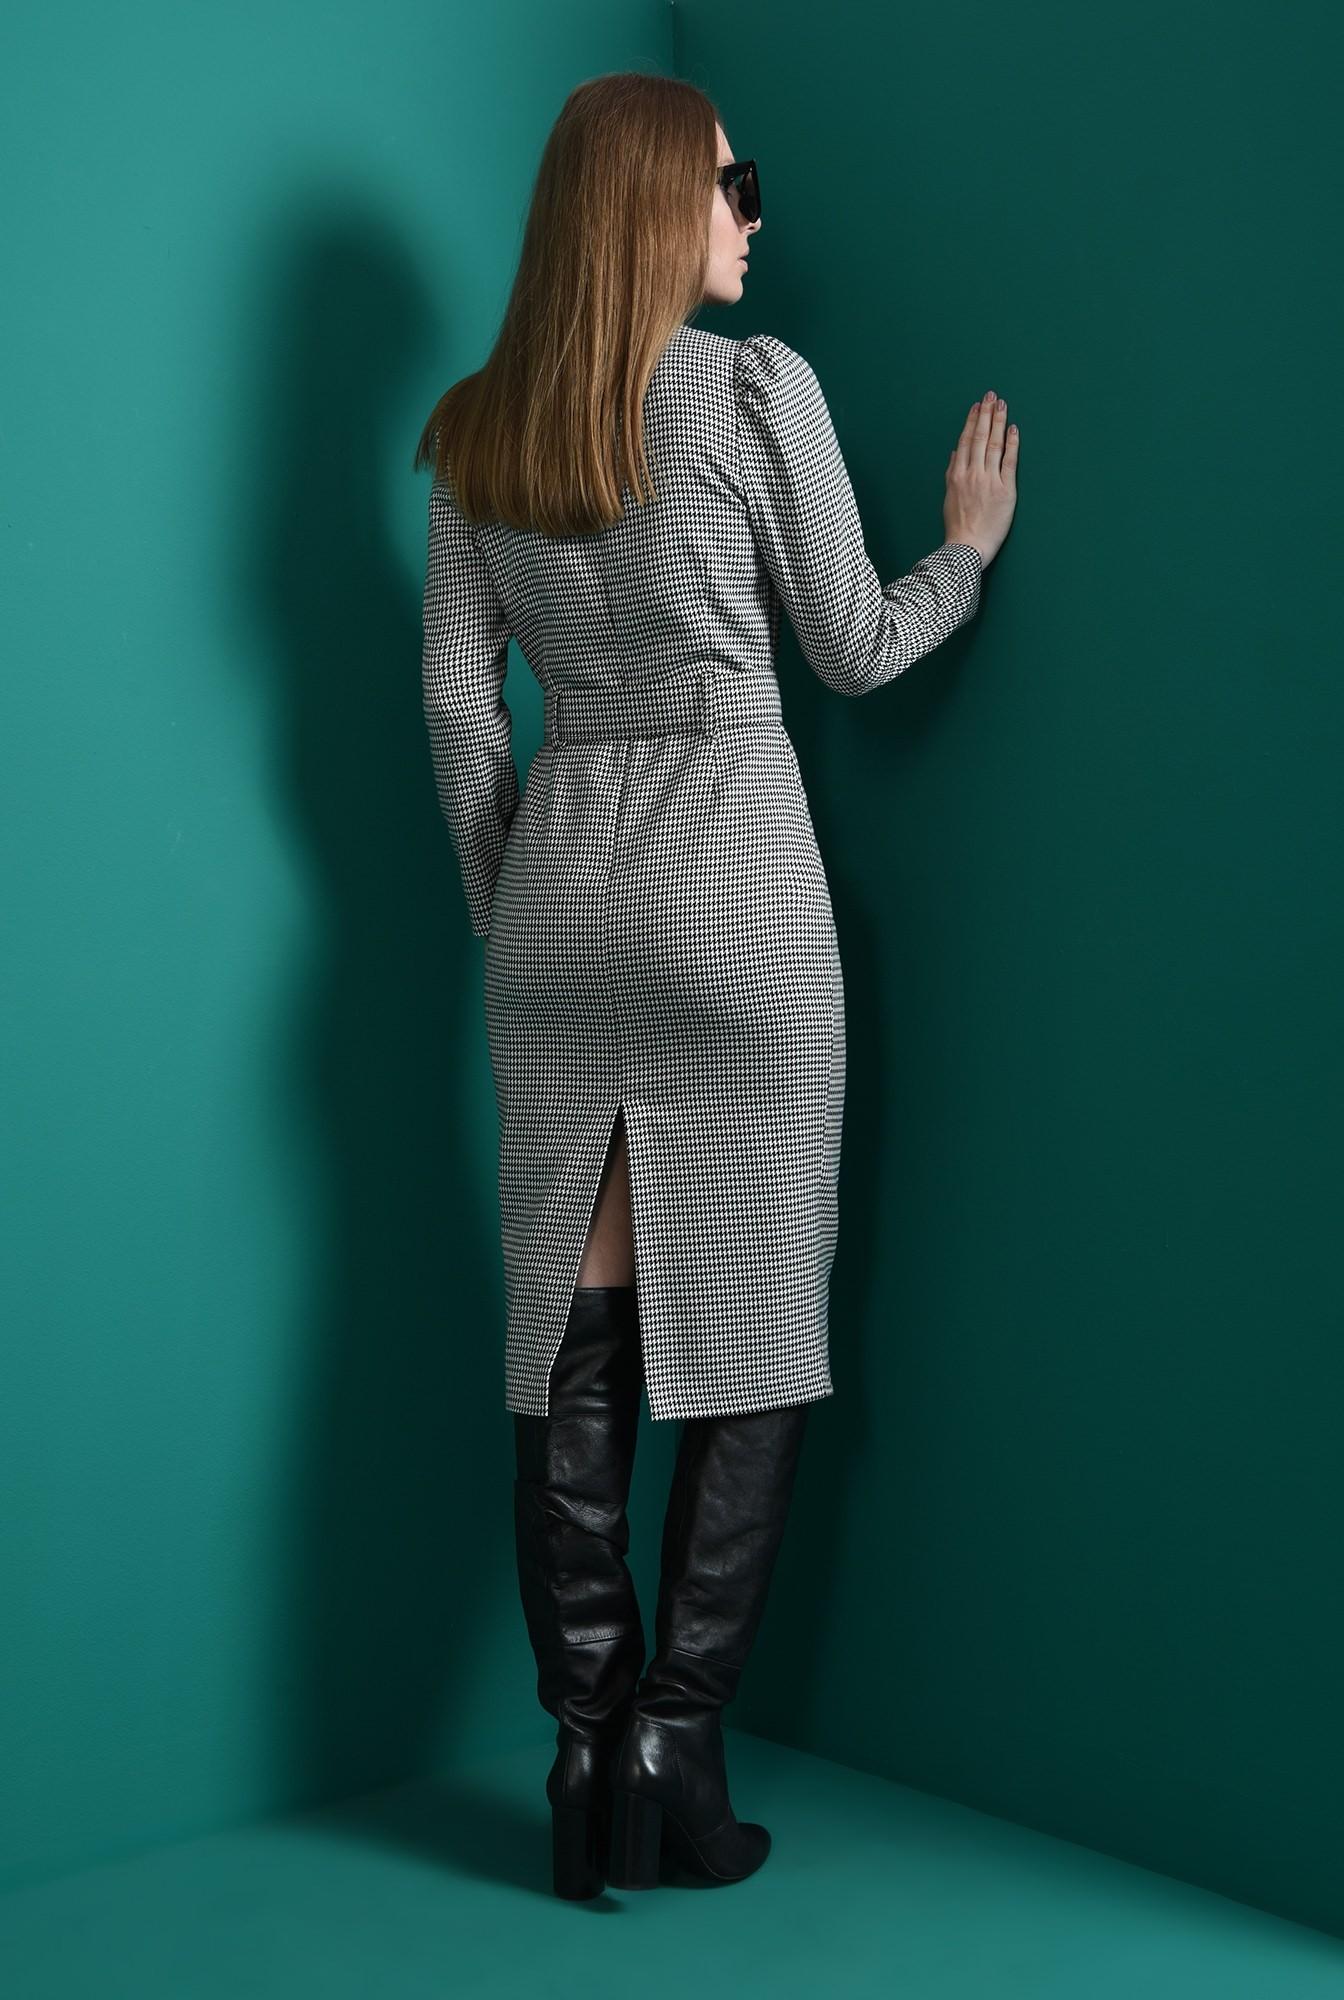 2 - rochie cu umeri accentuati, cu centura